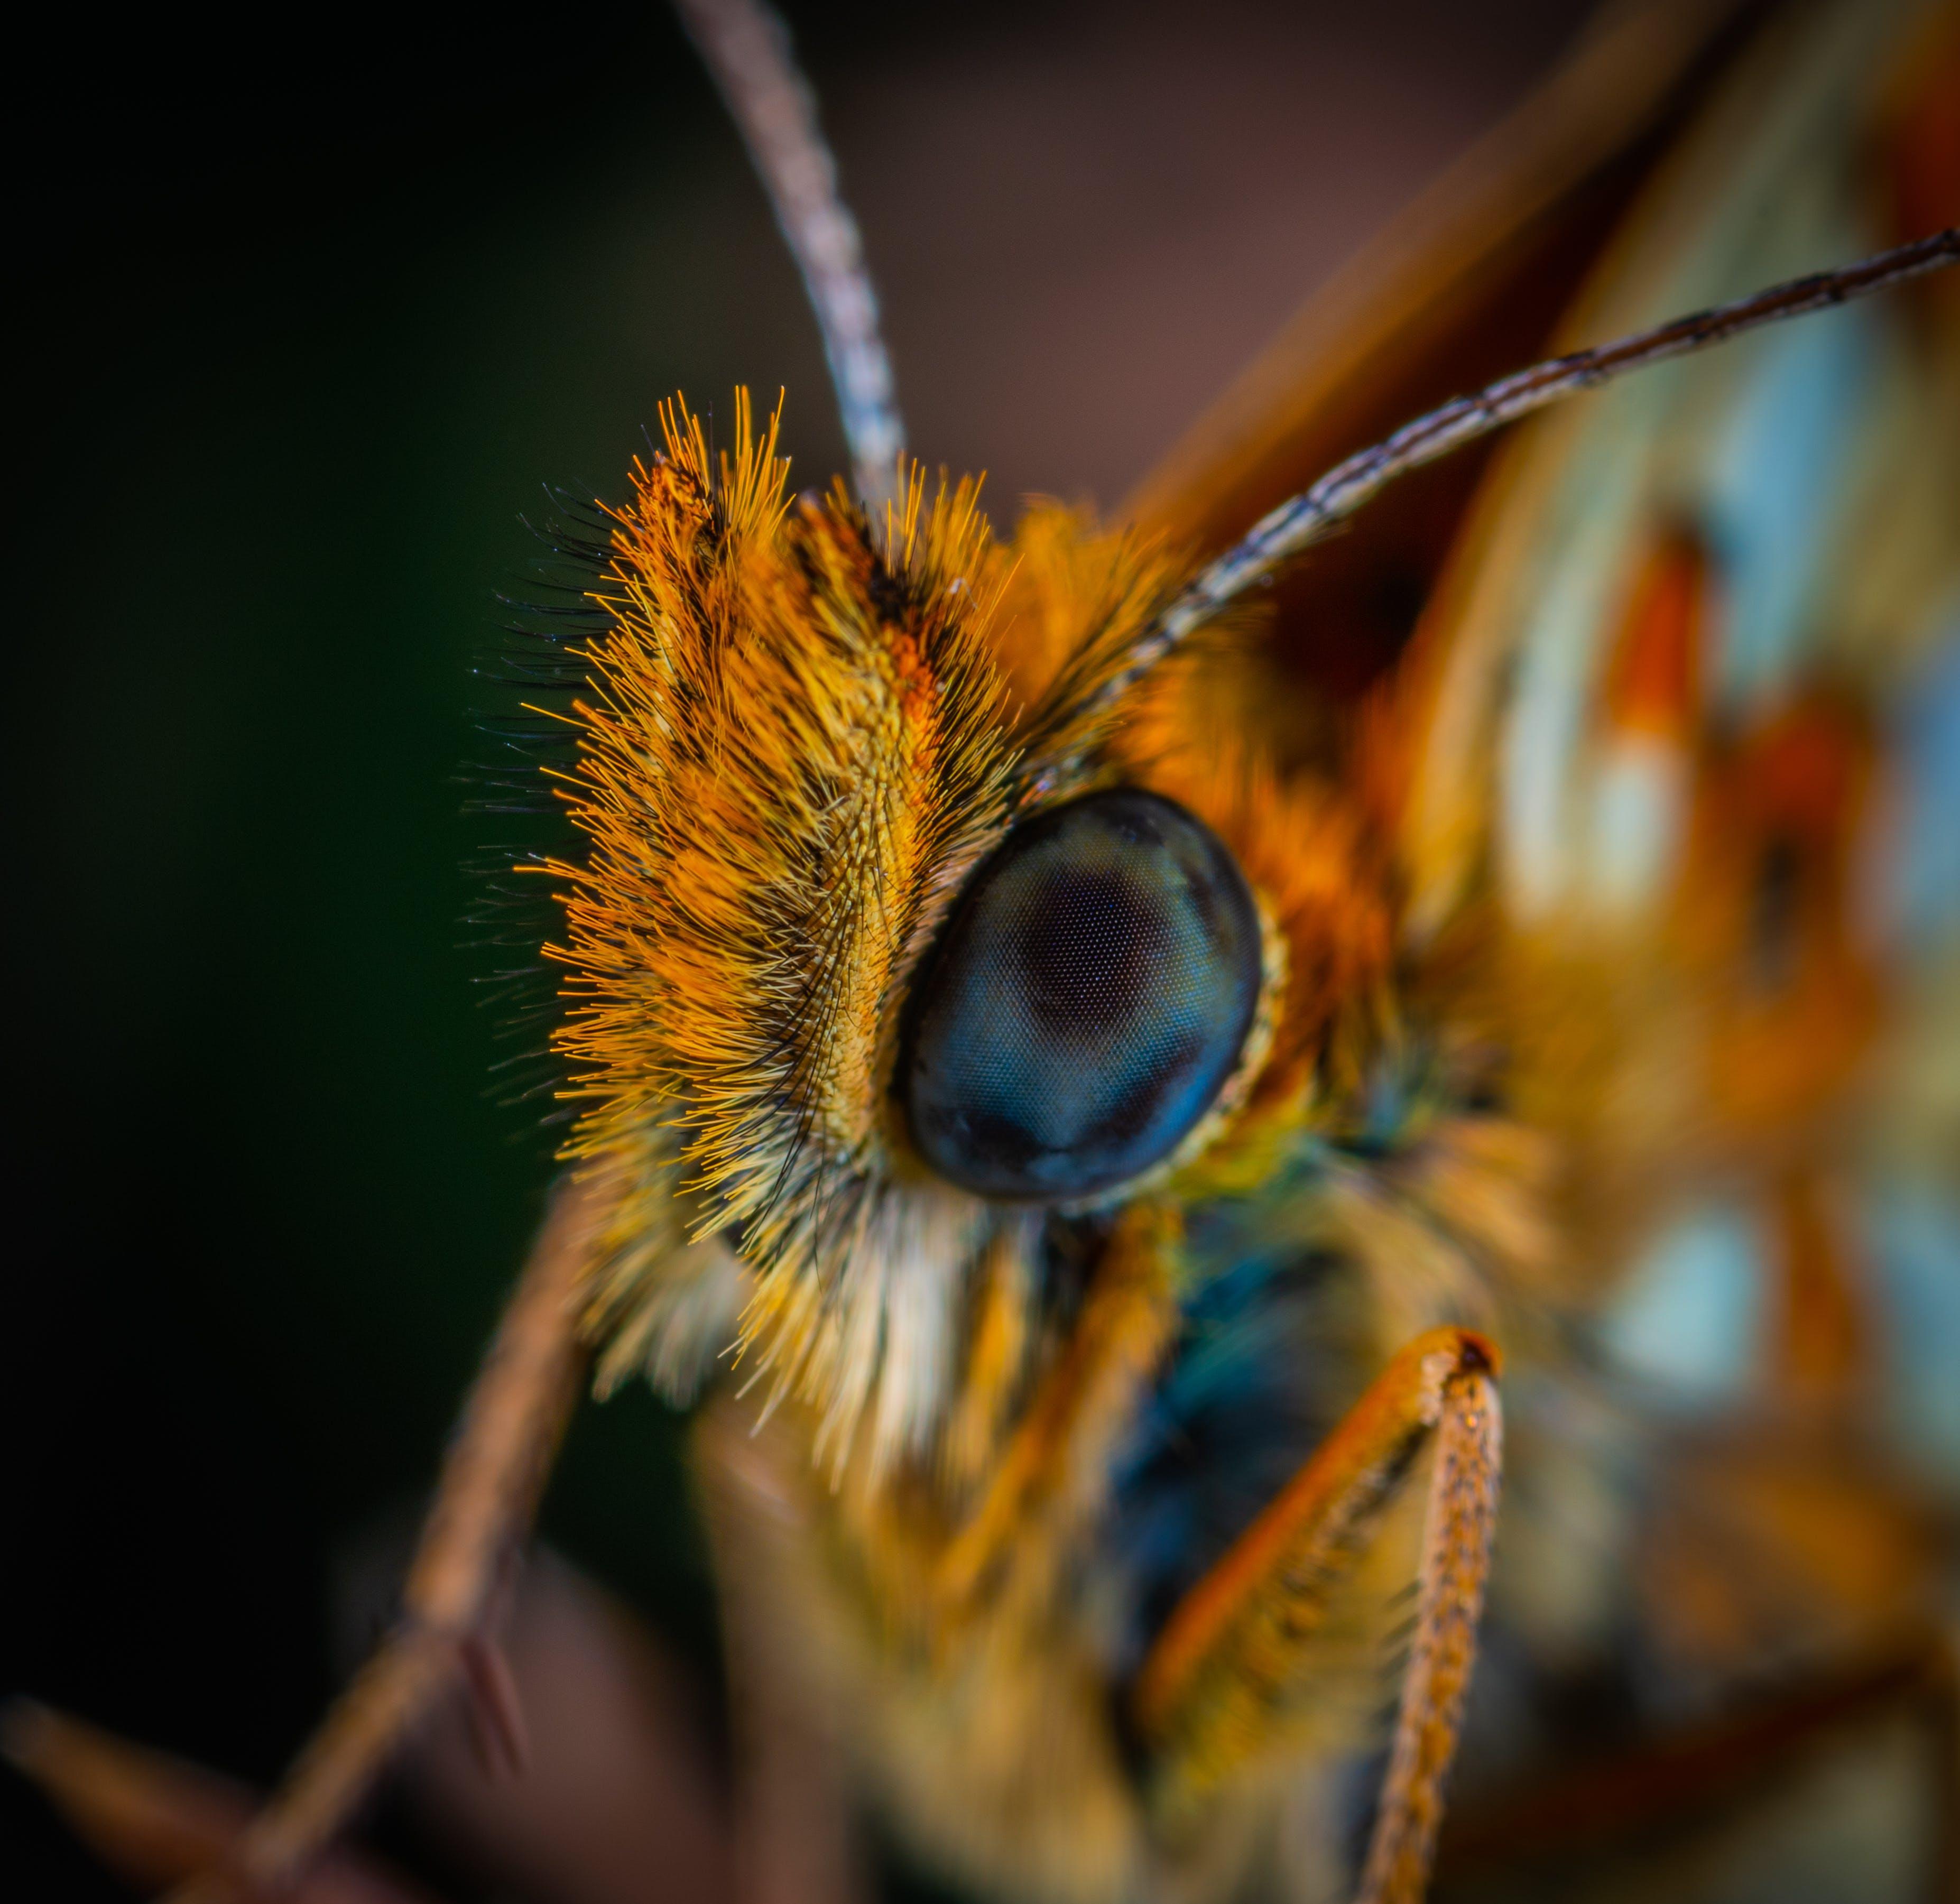 auge, biologie, entomologie